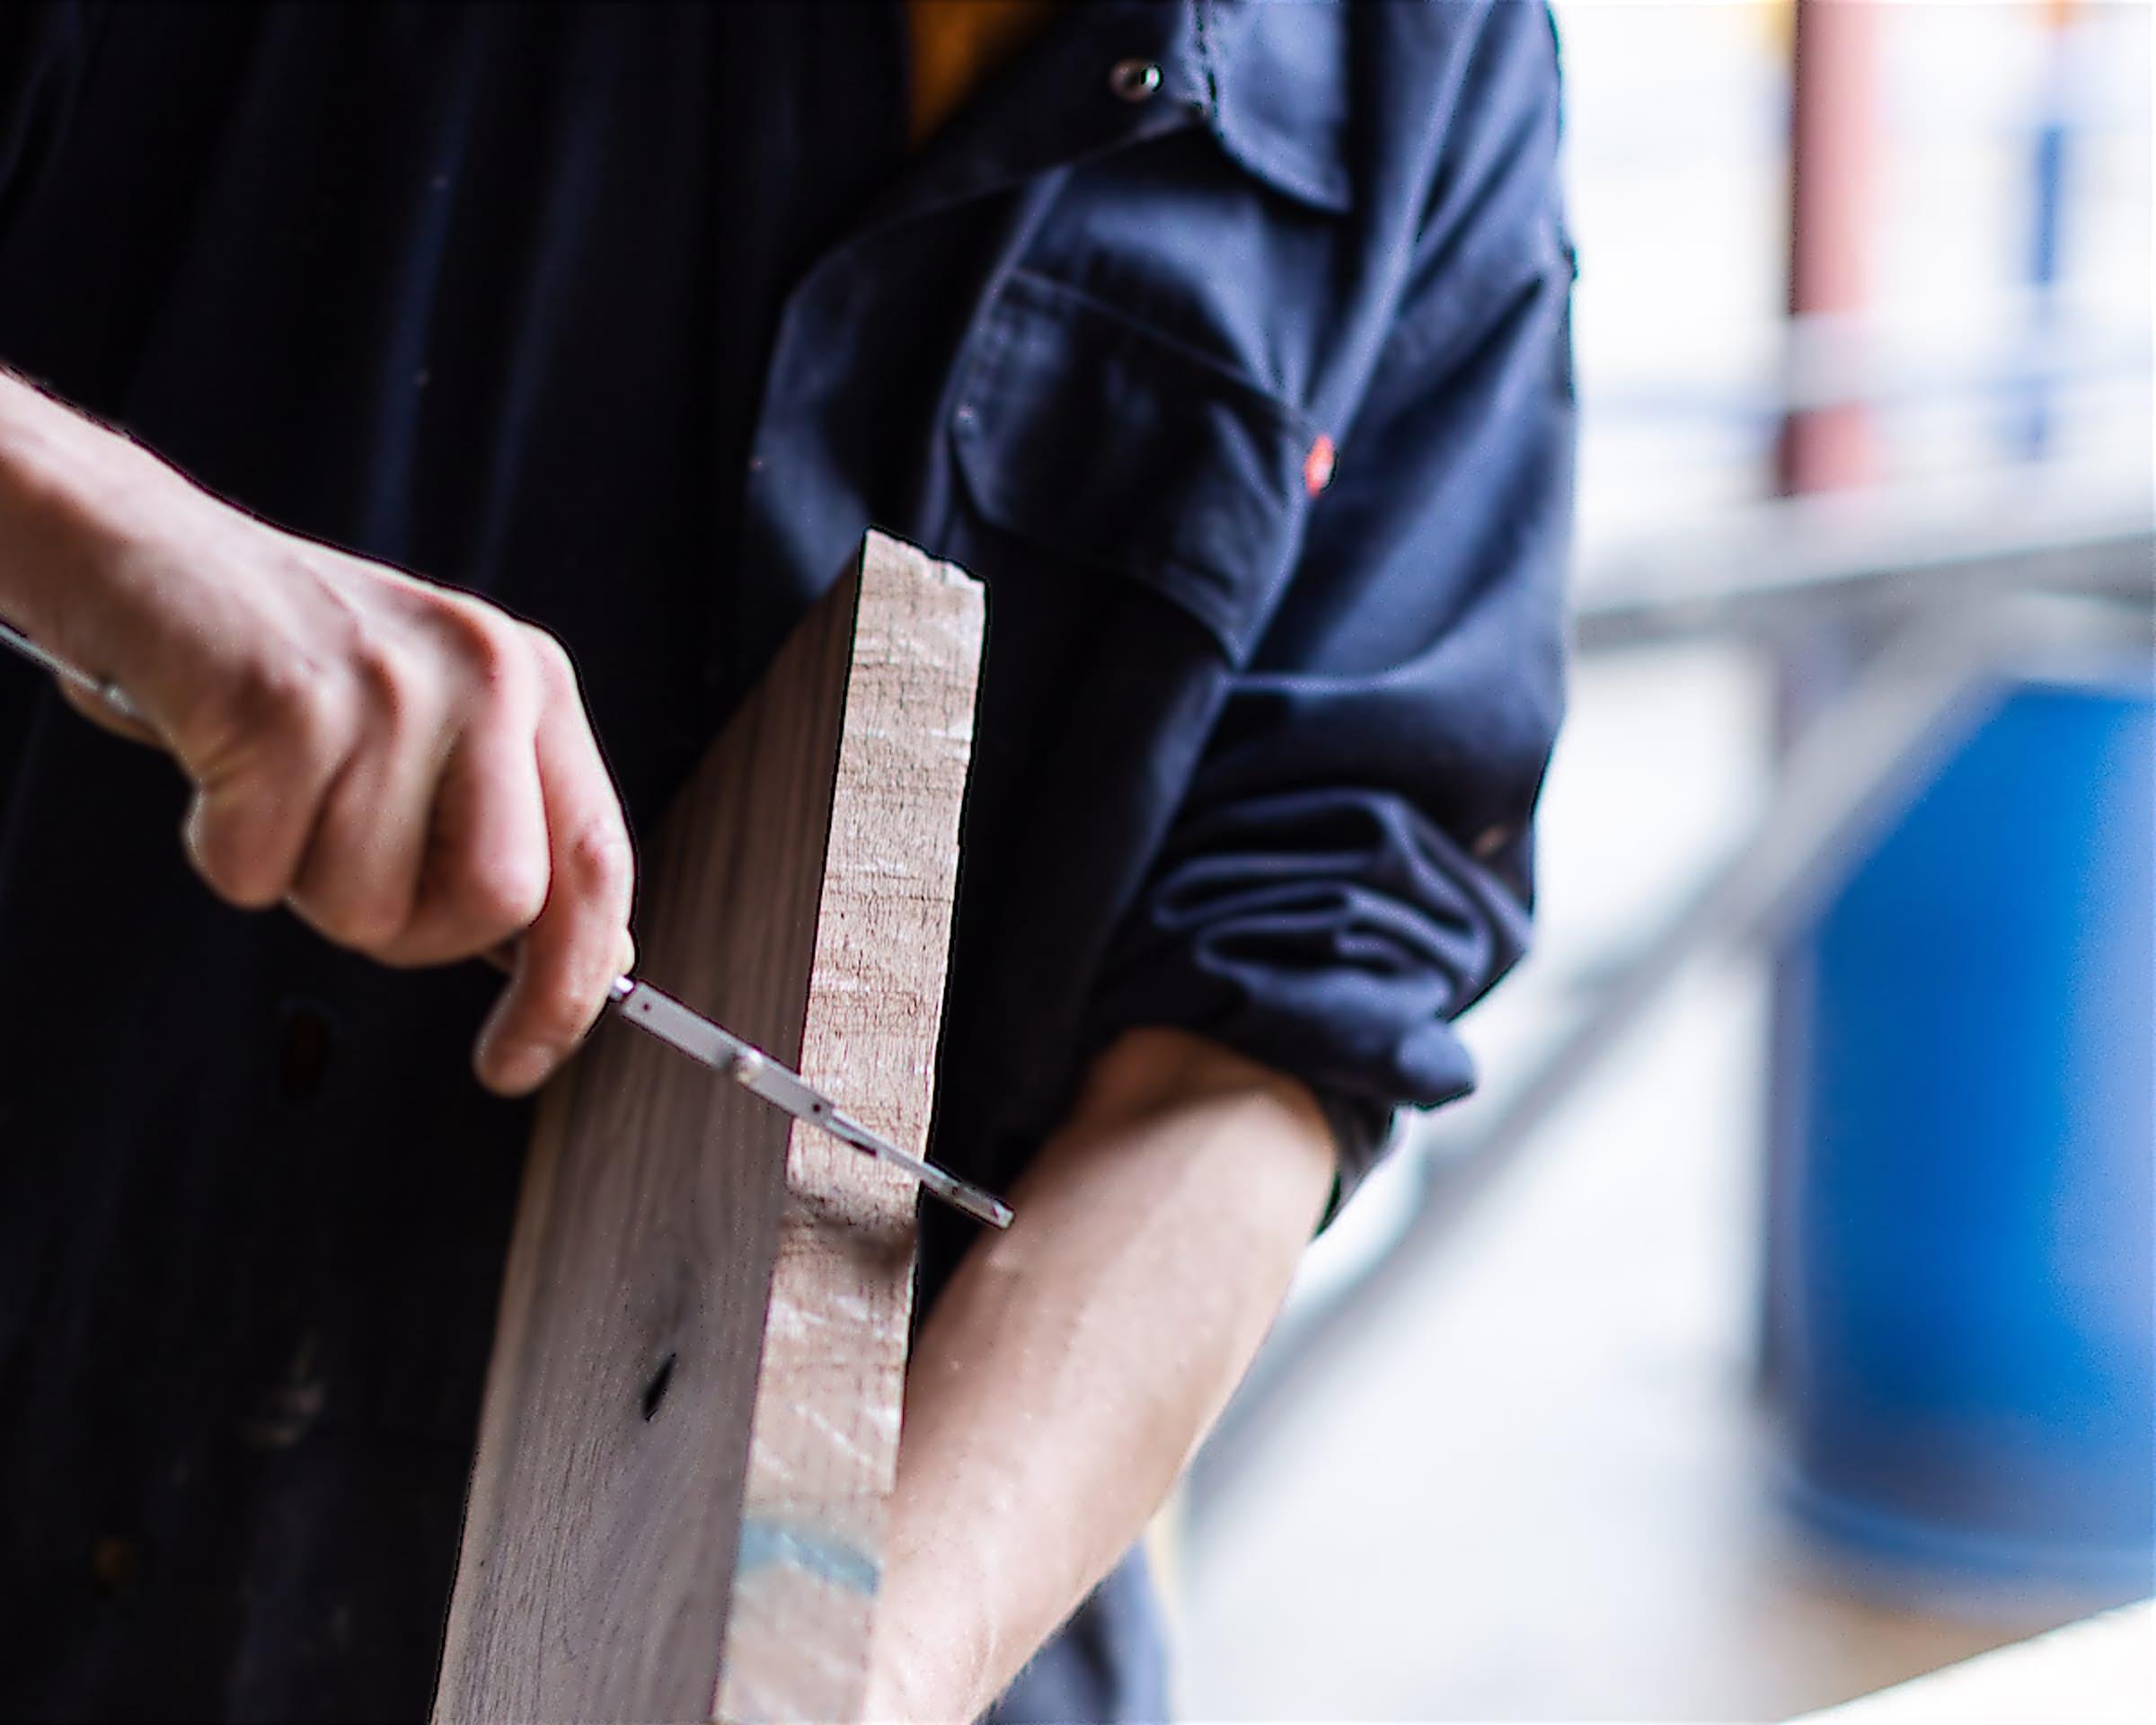 Preparing your materials